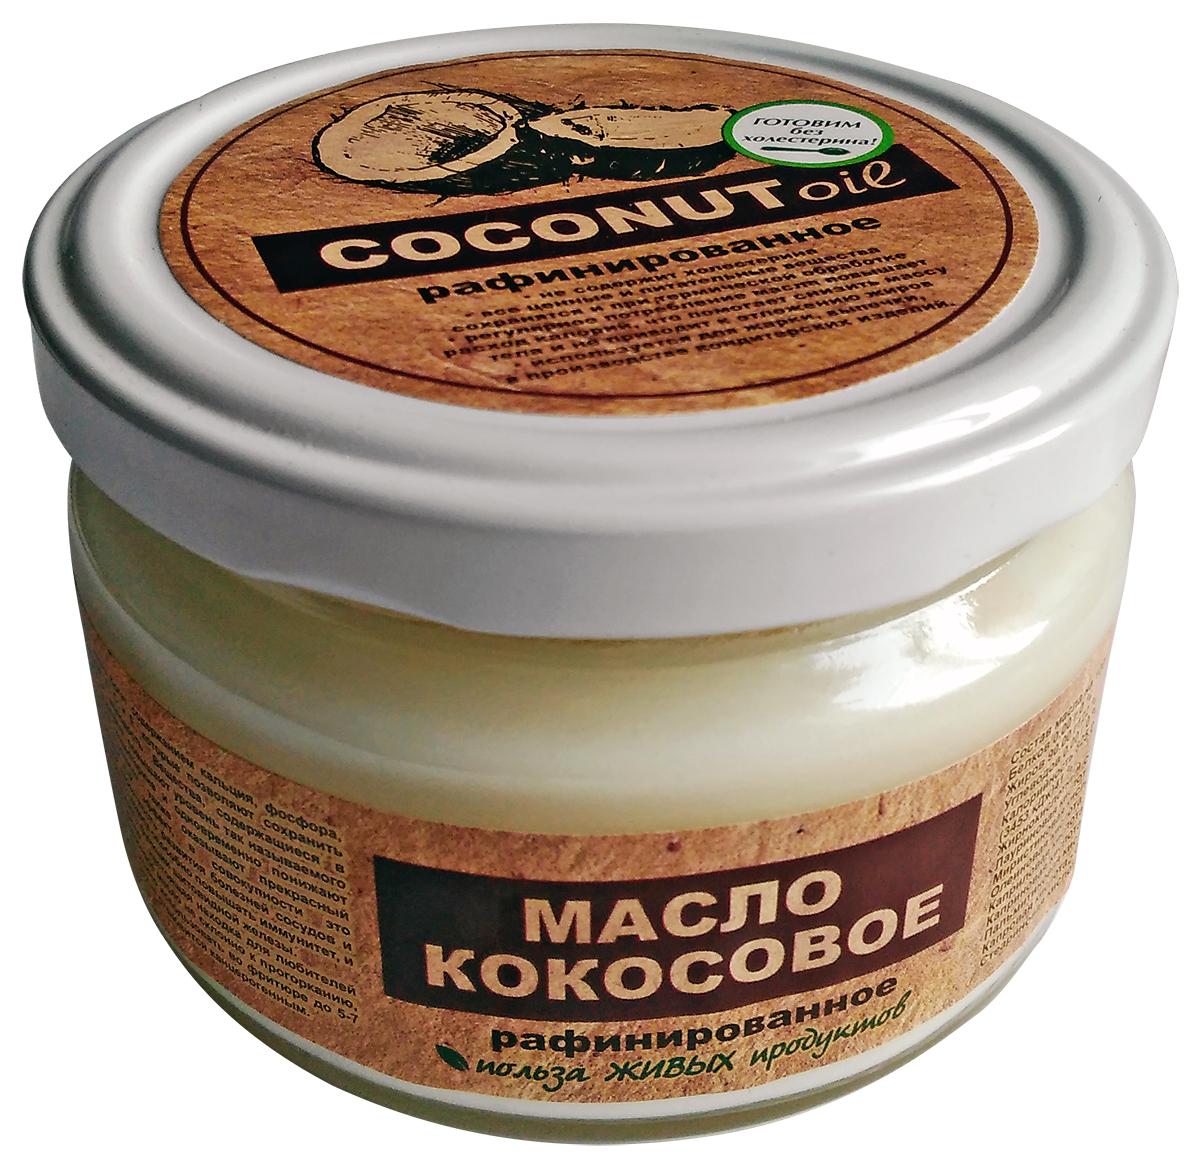 Greenbuffet масло кокосовое рафинированное, 180 г6550713185517Масло кокосовое, рафинированное. Не содержит холестерина все ценные питательные вещества сохраняются при термической обработке, идеально подходит для жарки, используют в кондитерском производстве. Повышает расход калорий, что помогает снизить лишний вес.